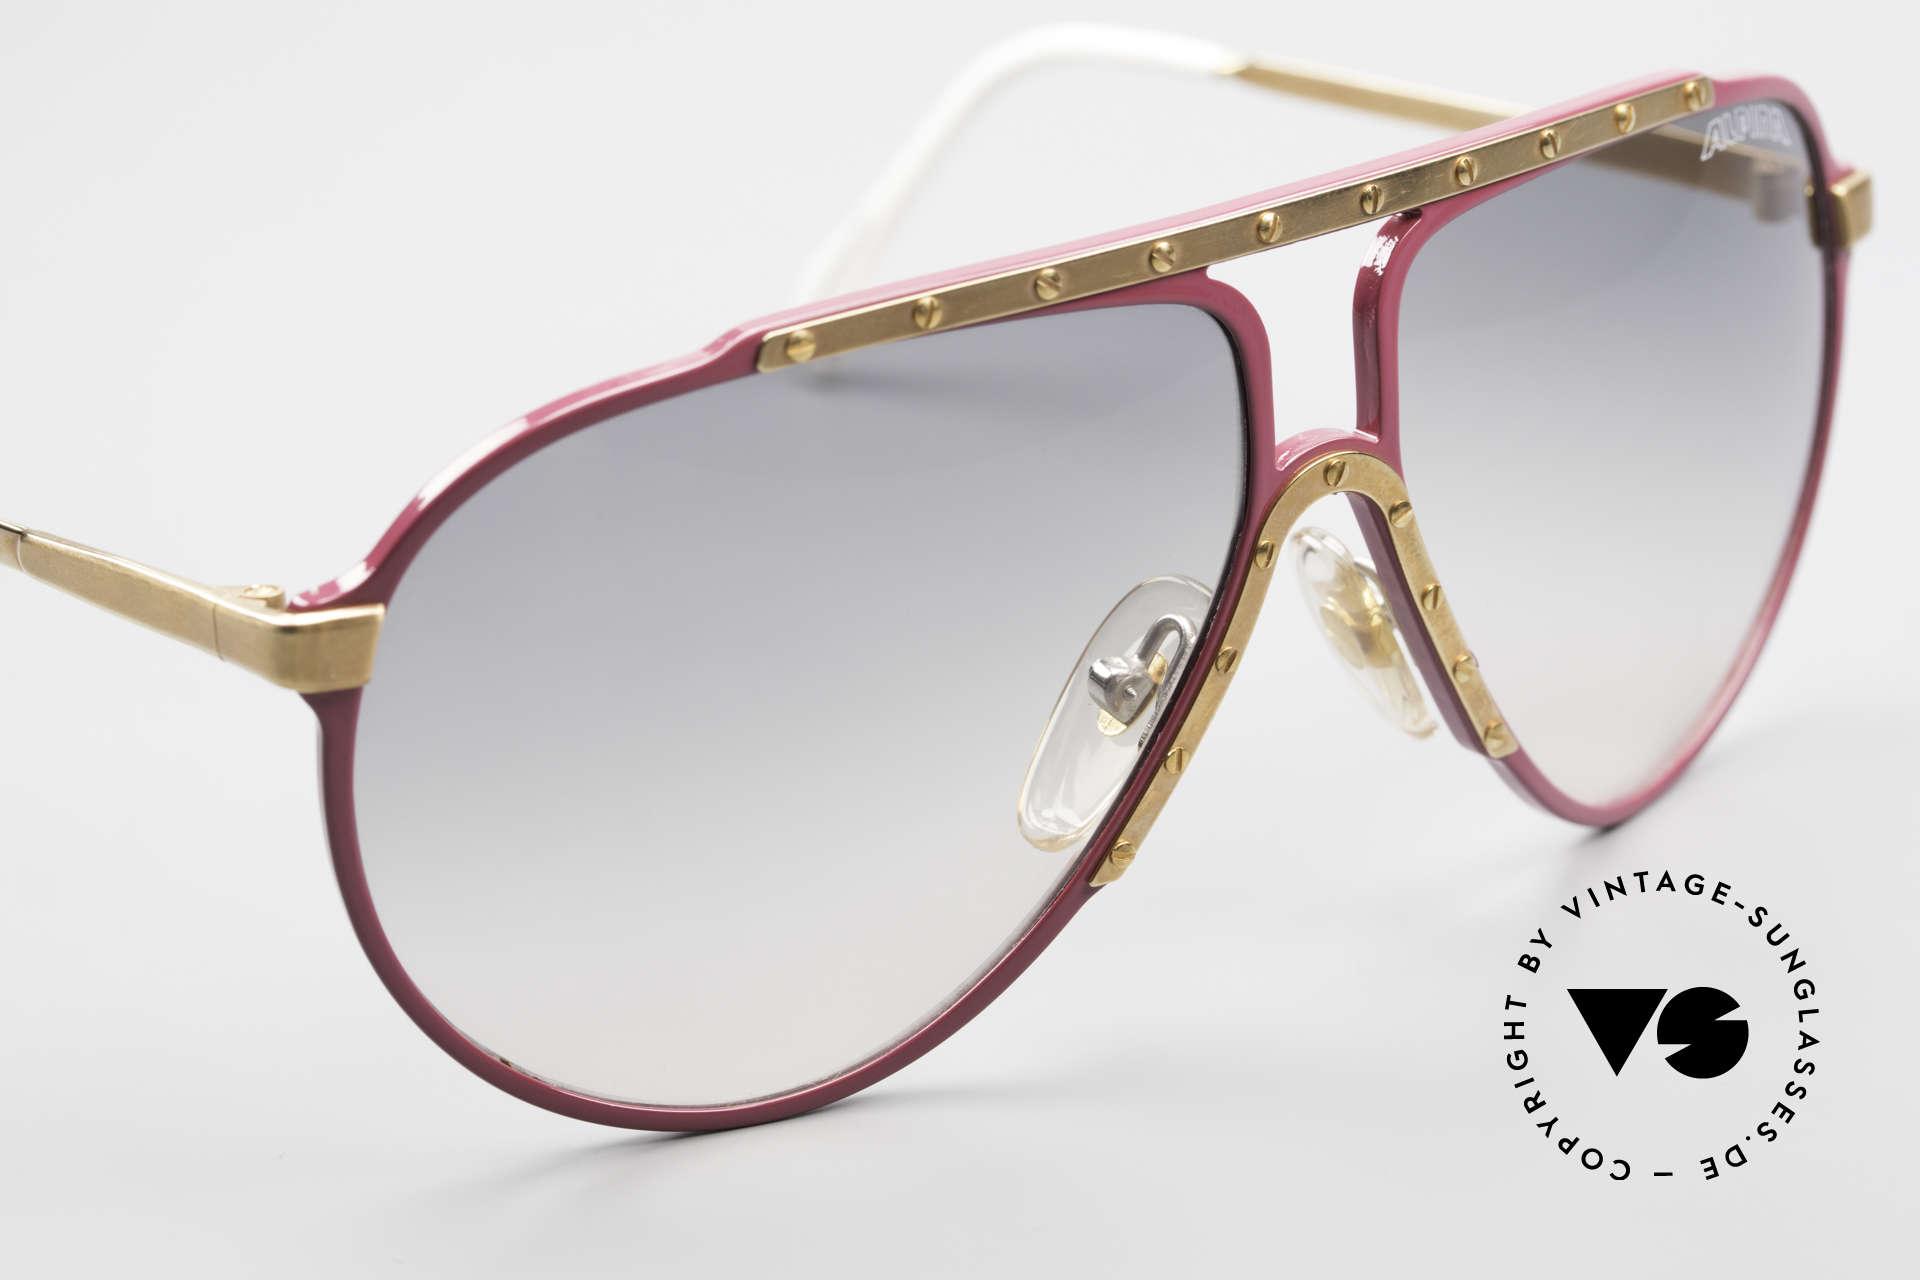 Alpina M1 80er Vintage Kultbrille Pink, LACKSCHADEN auf der Rückseite: siehe 7. Foto!, Passend für Damen